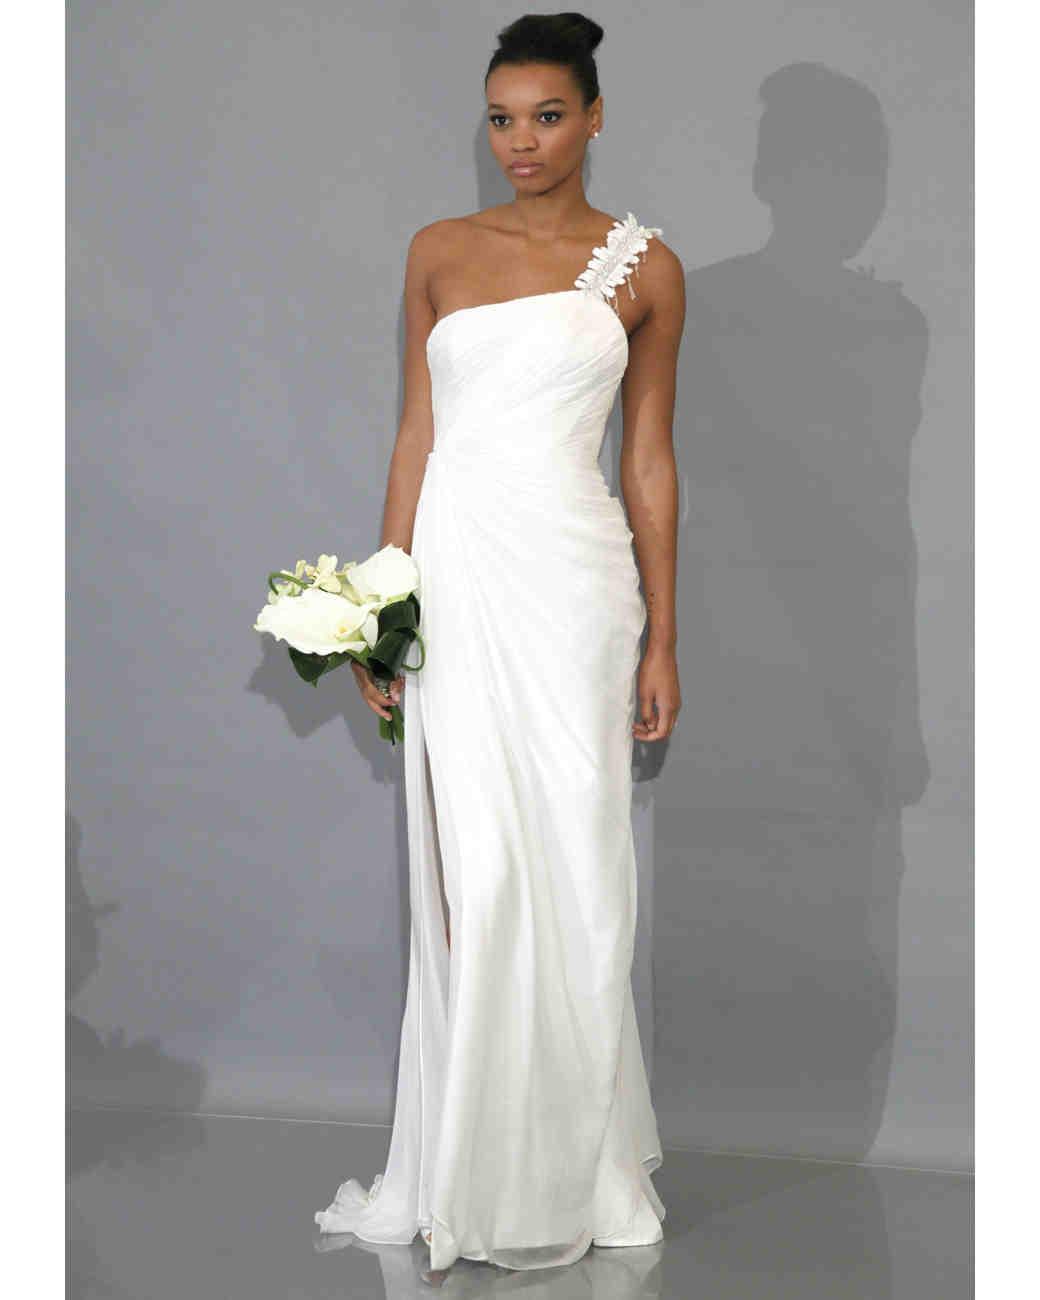 modern sheath wedding dresses fall bridal fashion week cowl neck wedding dress Modern Sheath Wedding Dresses Fall Bridal Fashion Week Martha Stewart Weddings